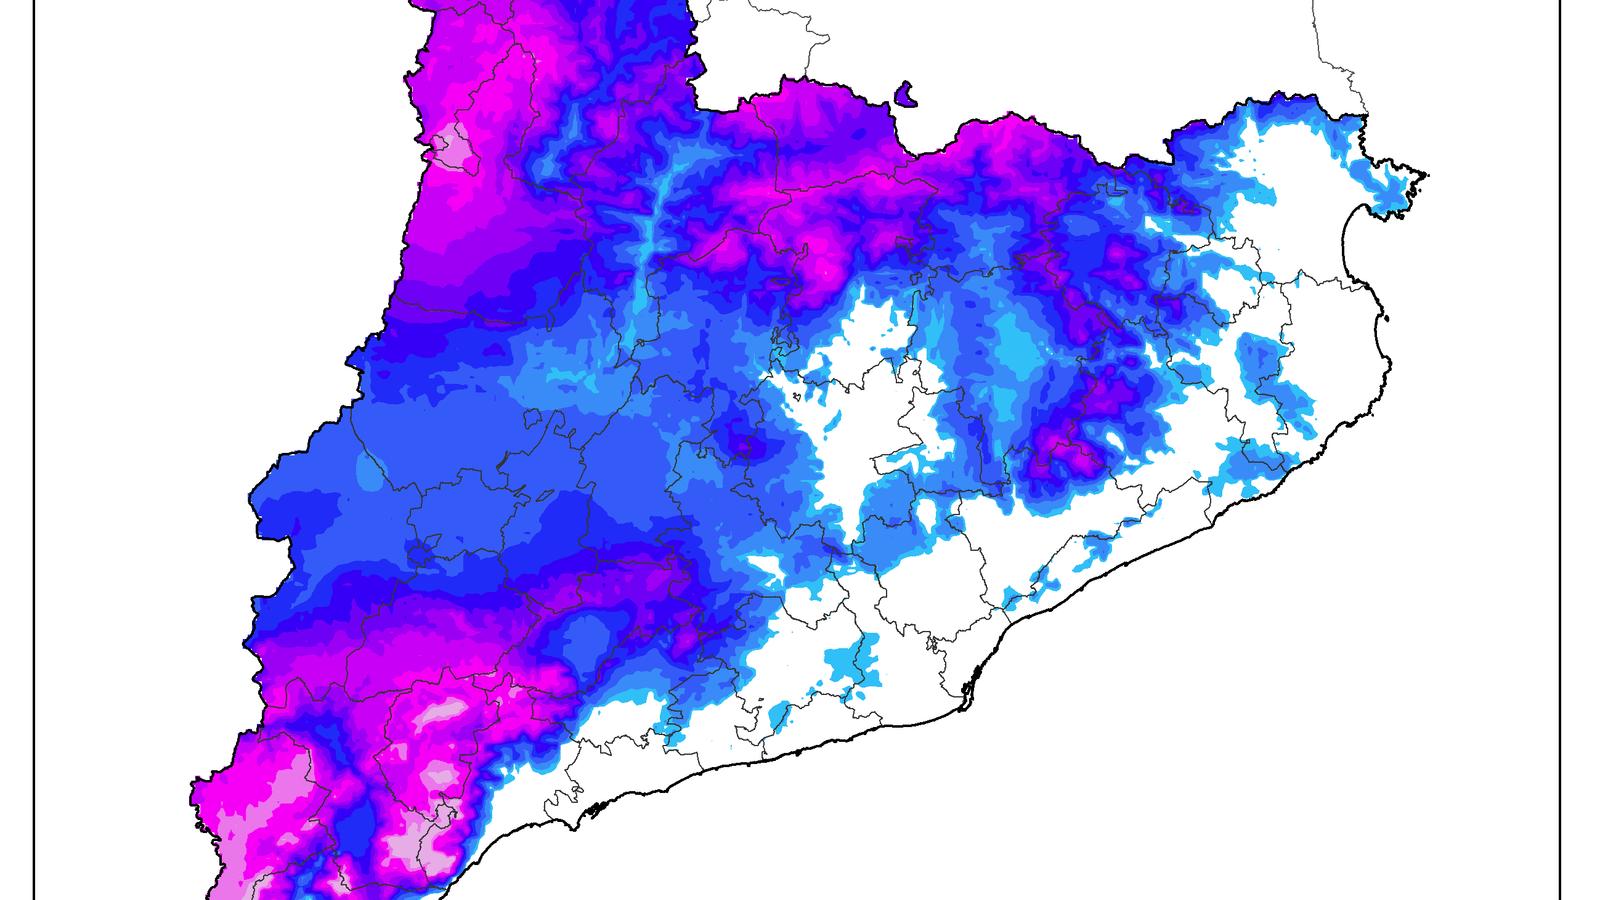 Acumulacions de neu fins ahir a les vuit del vespre / METEOCAT